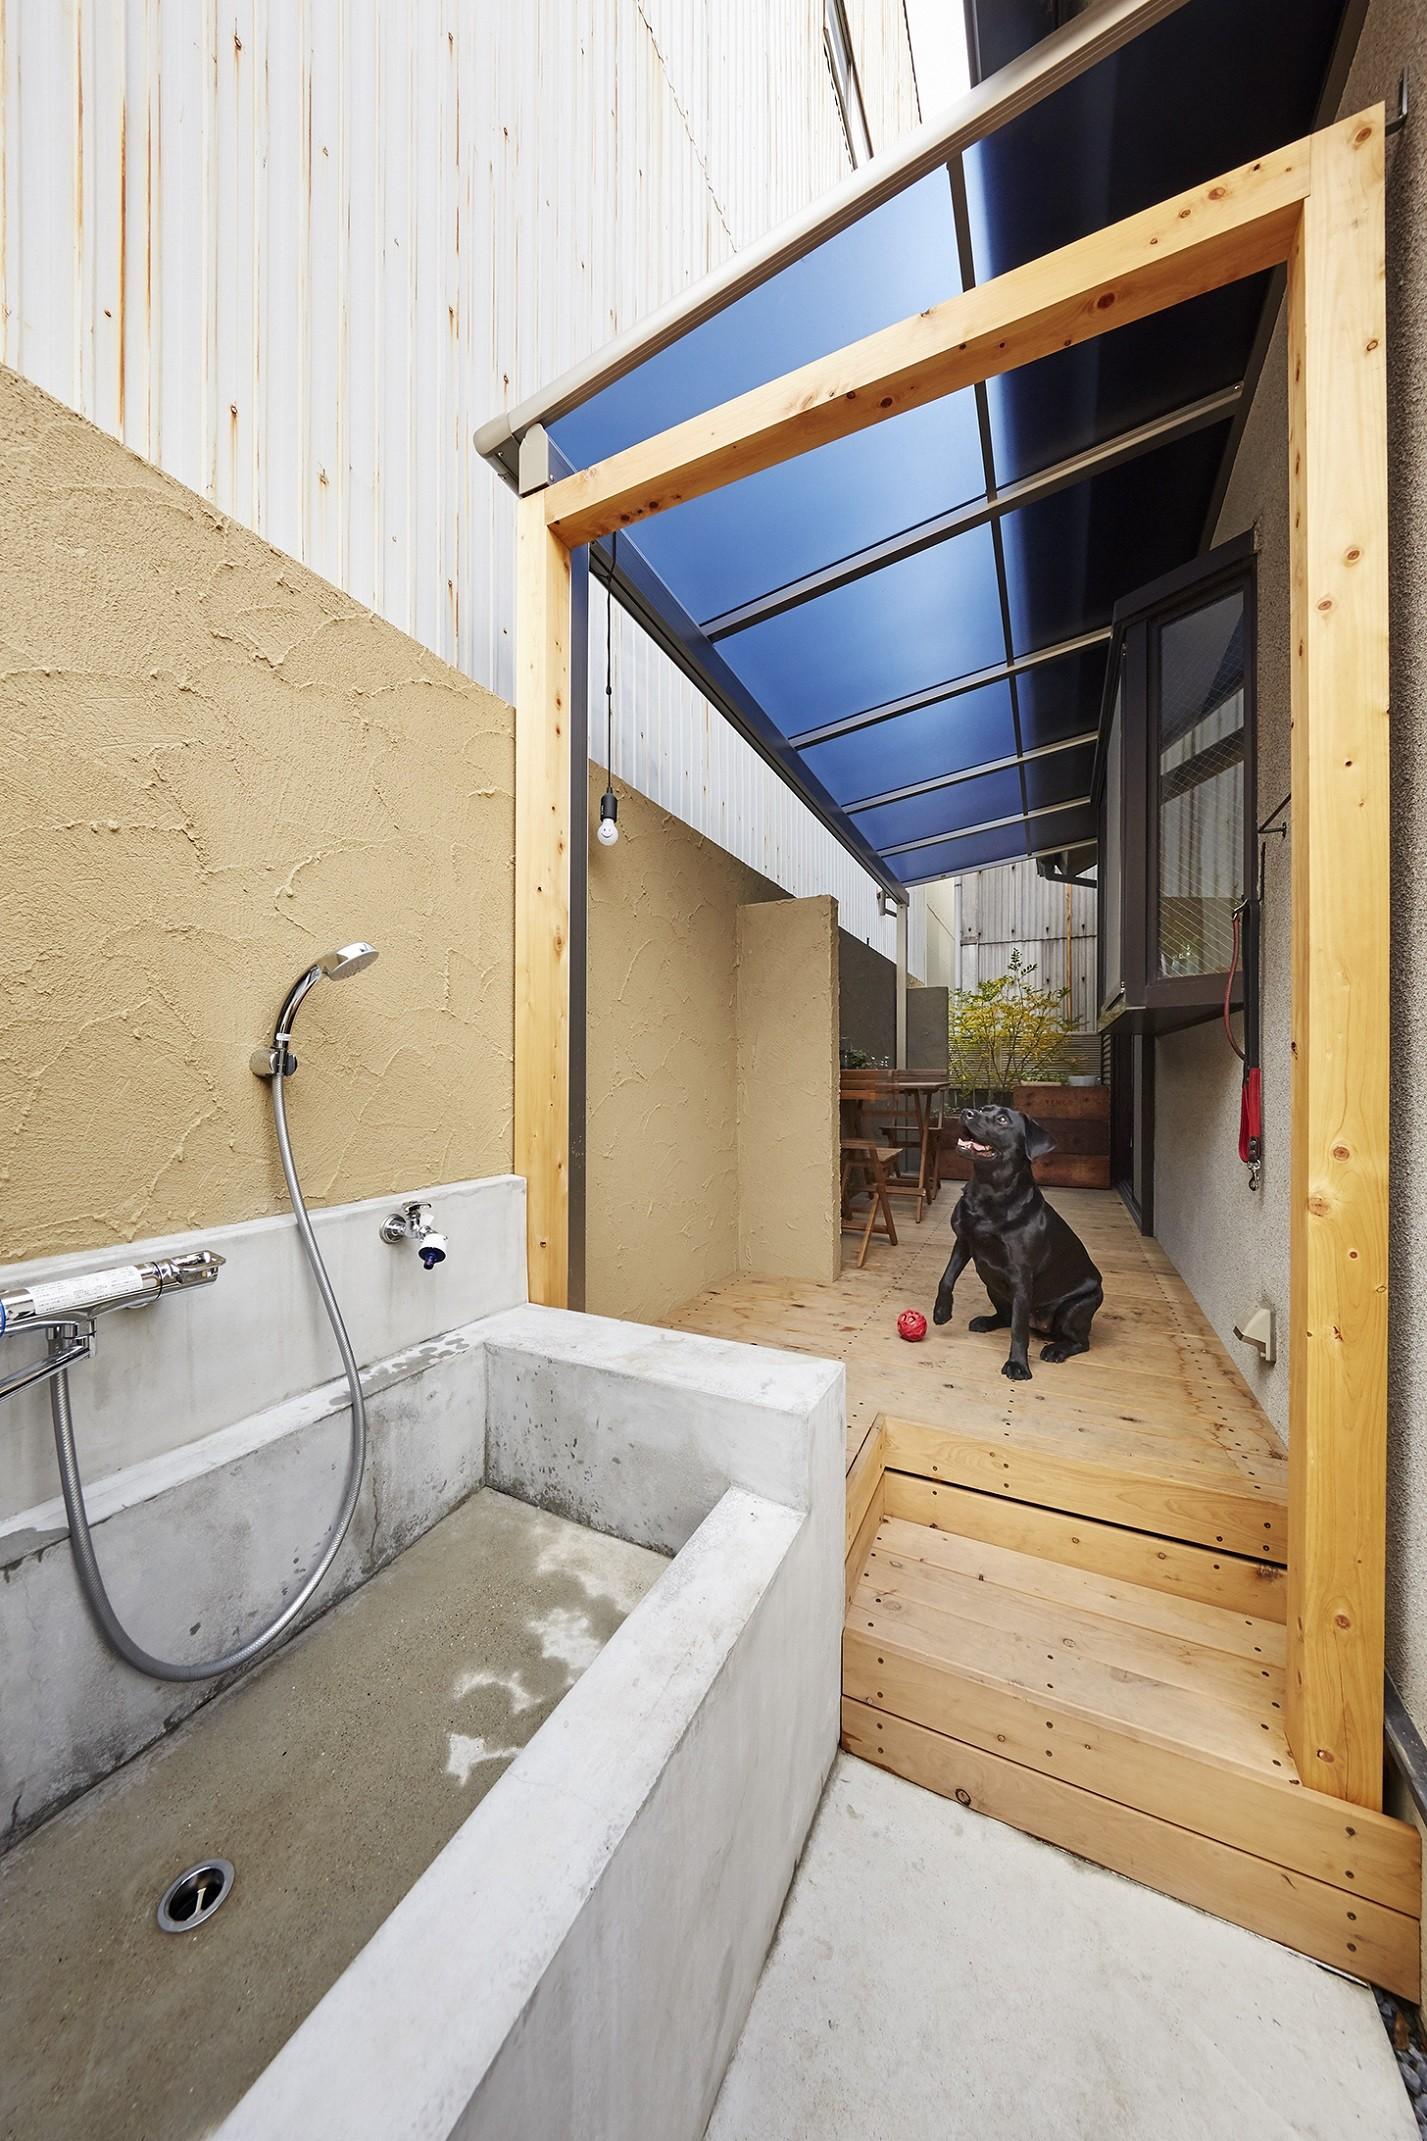 アウトドア事例:雨の日も大活躍のテラス(愛犬と快適に暮らせる工夫を凝らしたペットリフォーム)